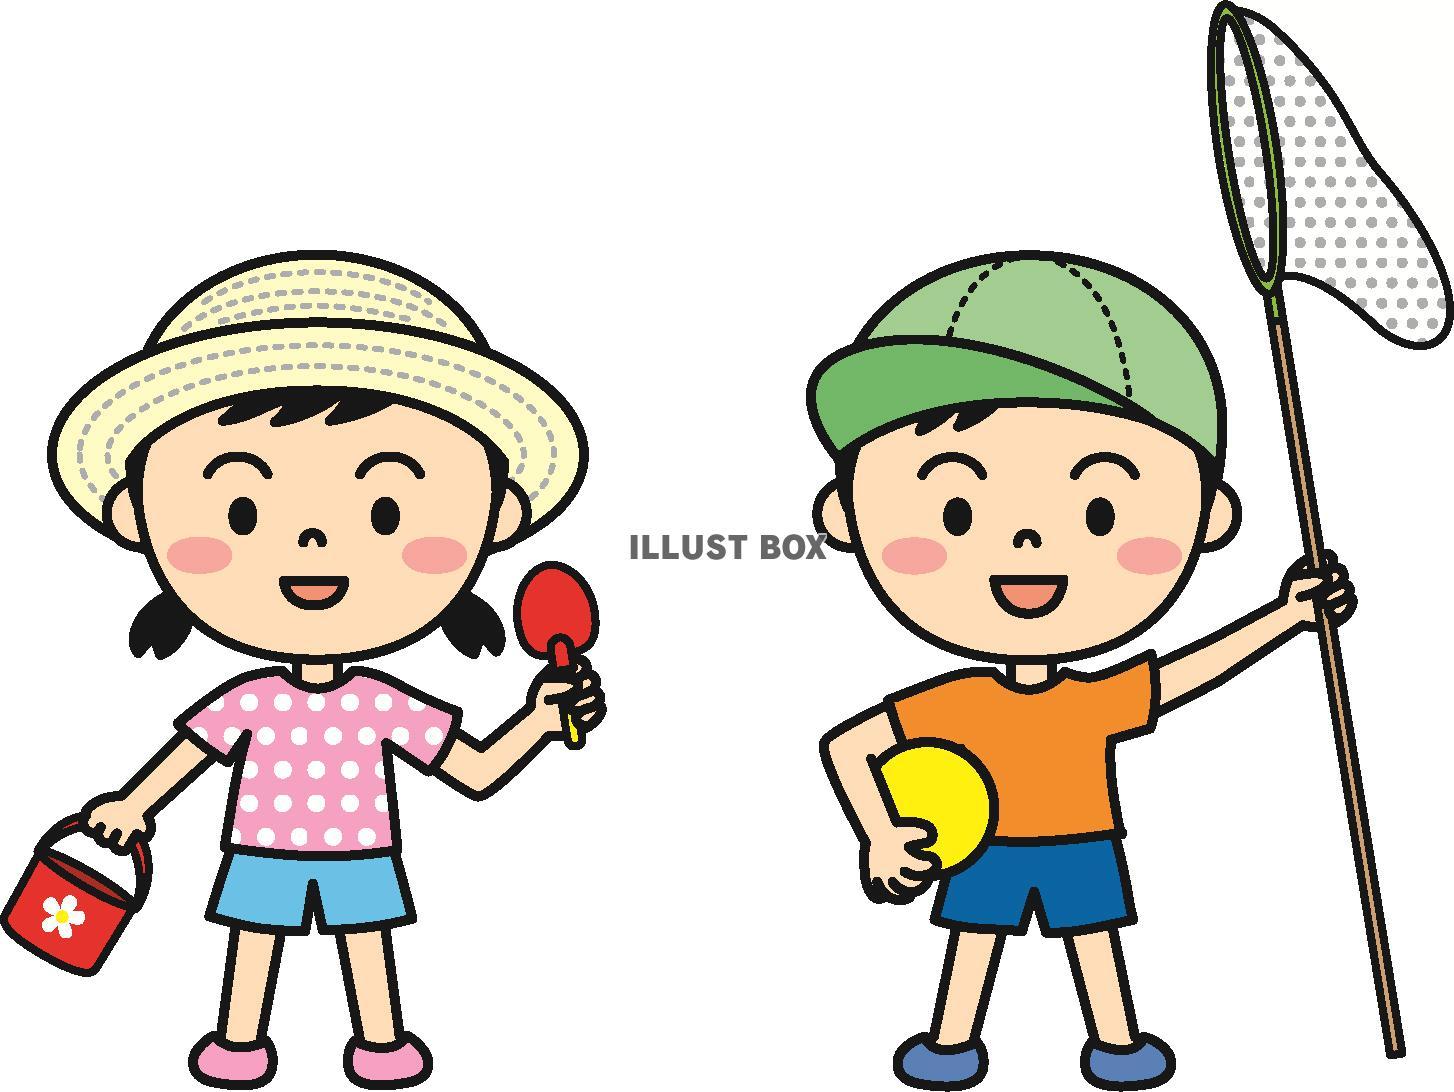 無料イラスト 夏の子供(公園遊び)